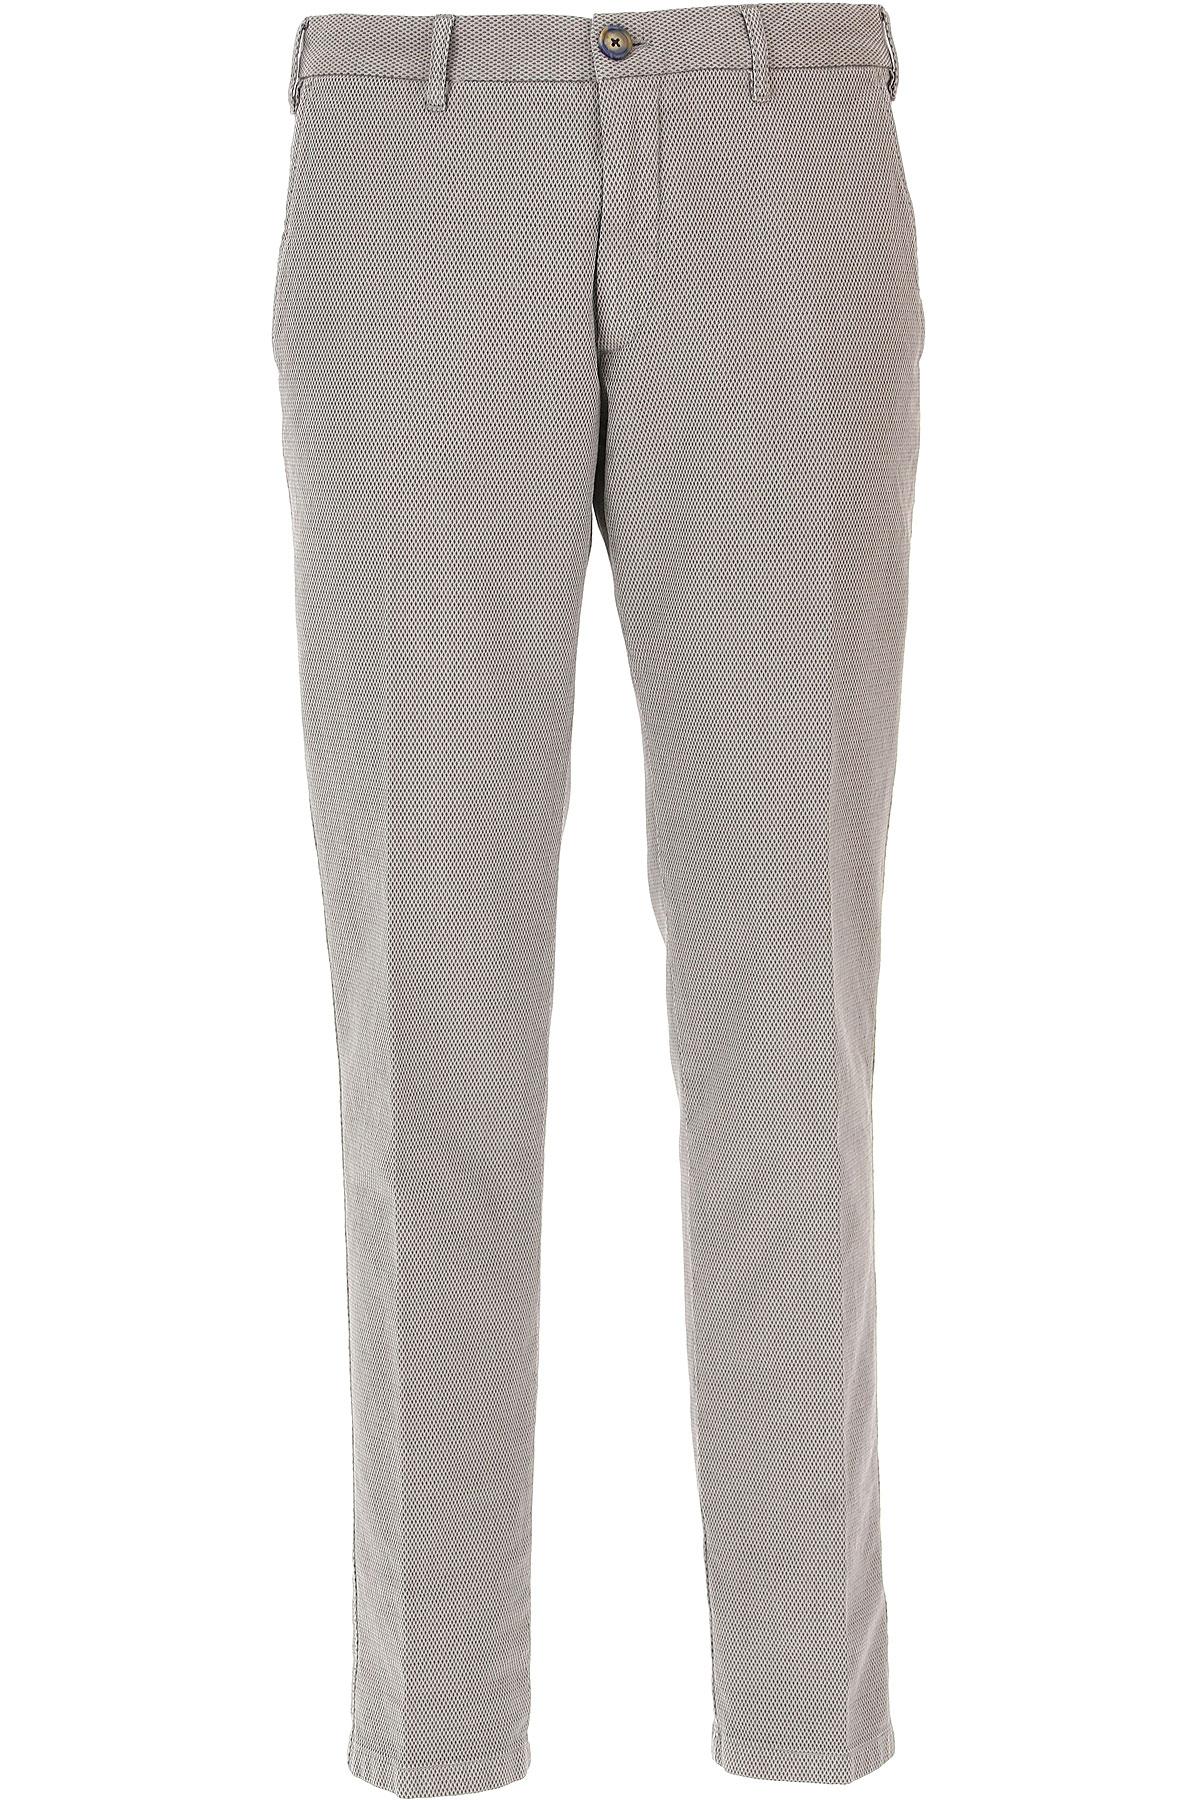 Image of J.W. Brine Pants for Men, Ash, Cotton, 2017, 30 34 40